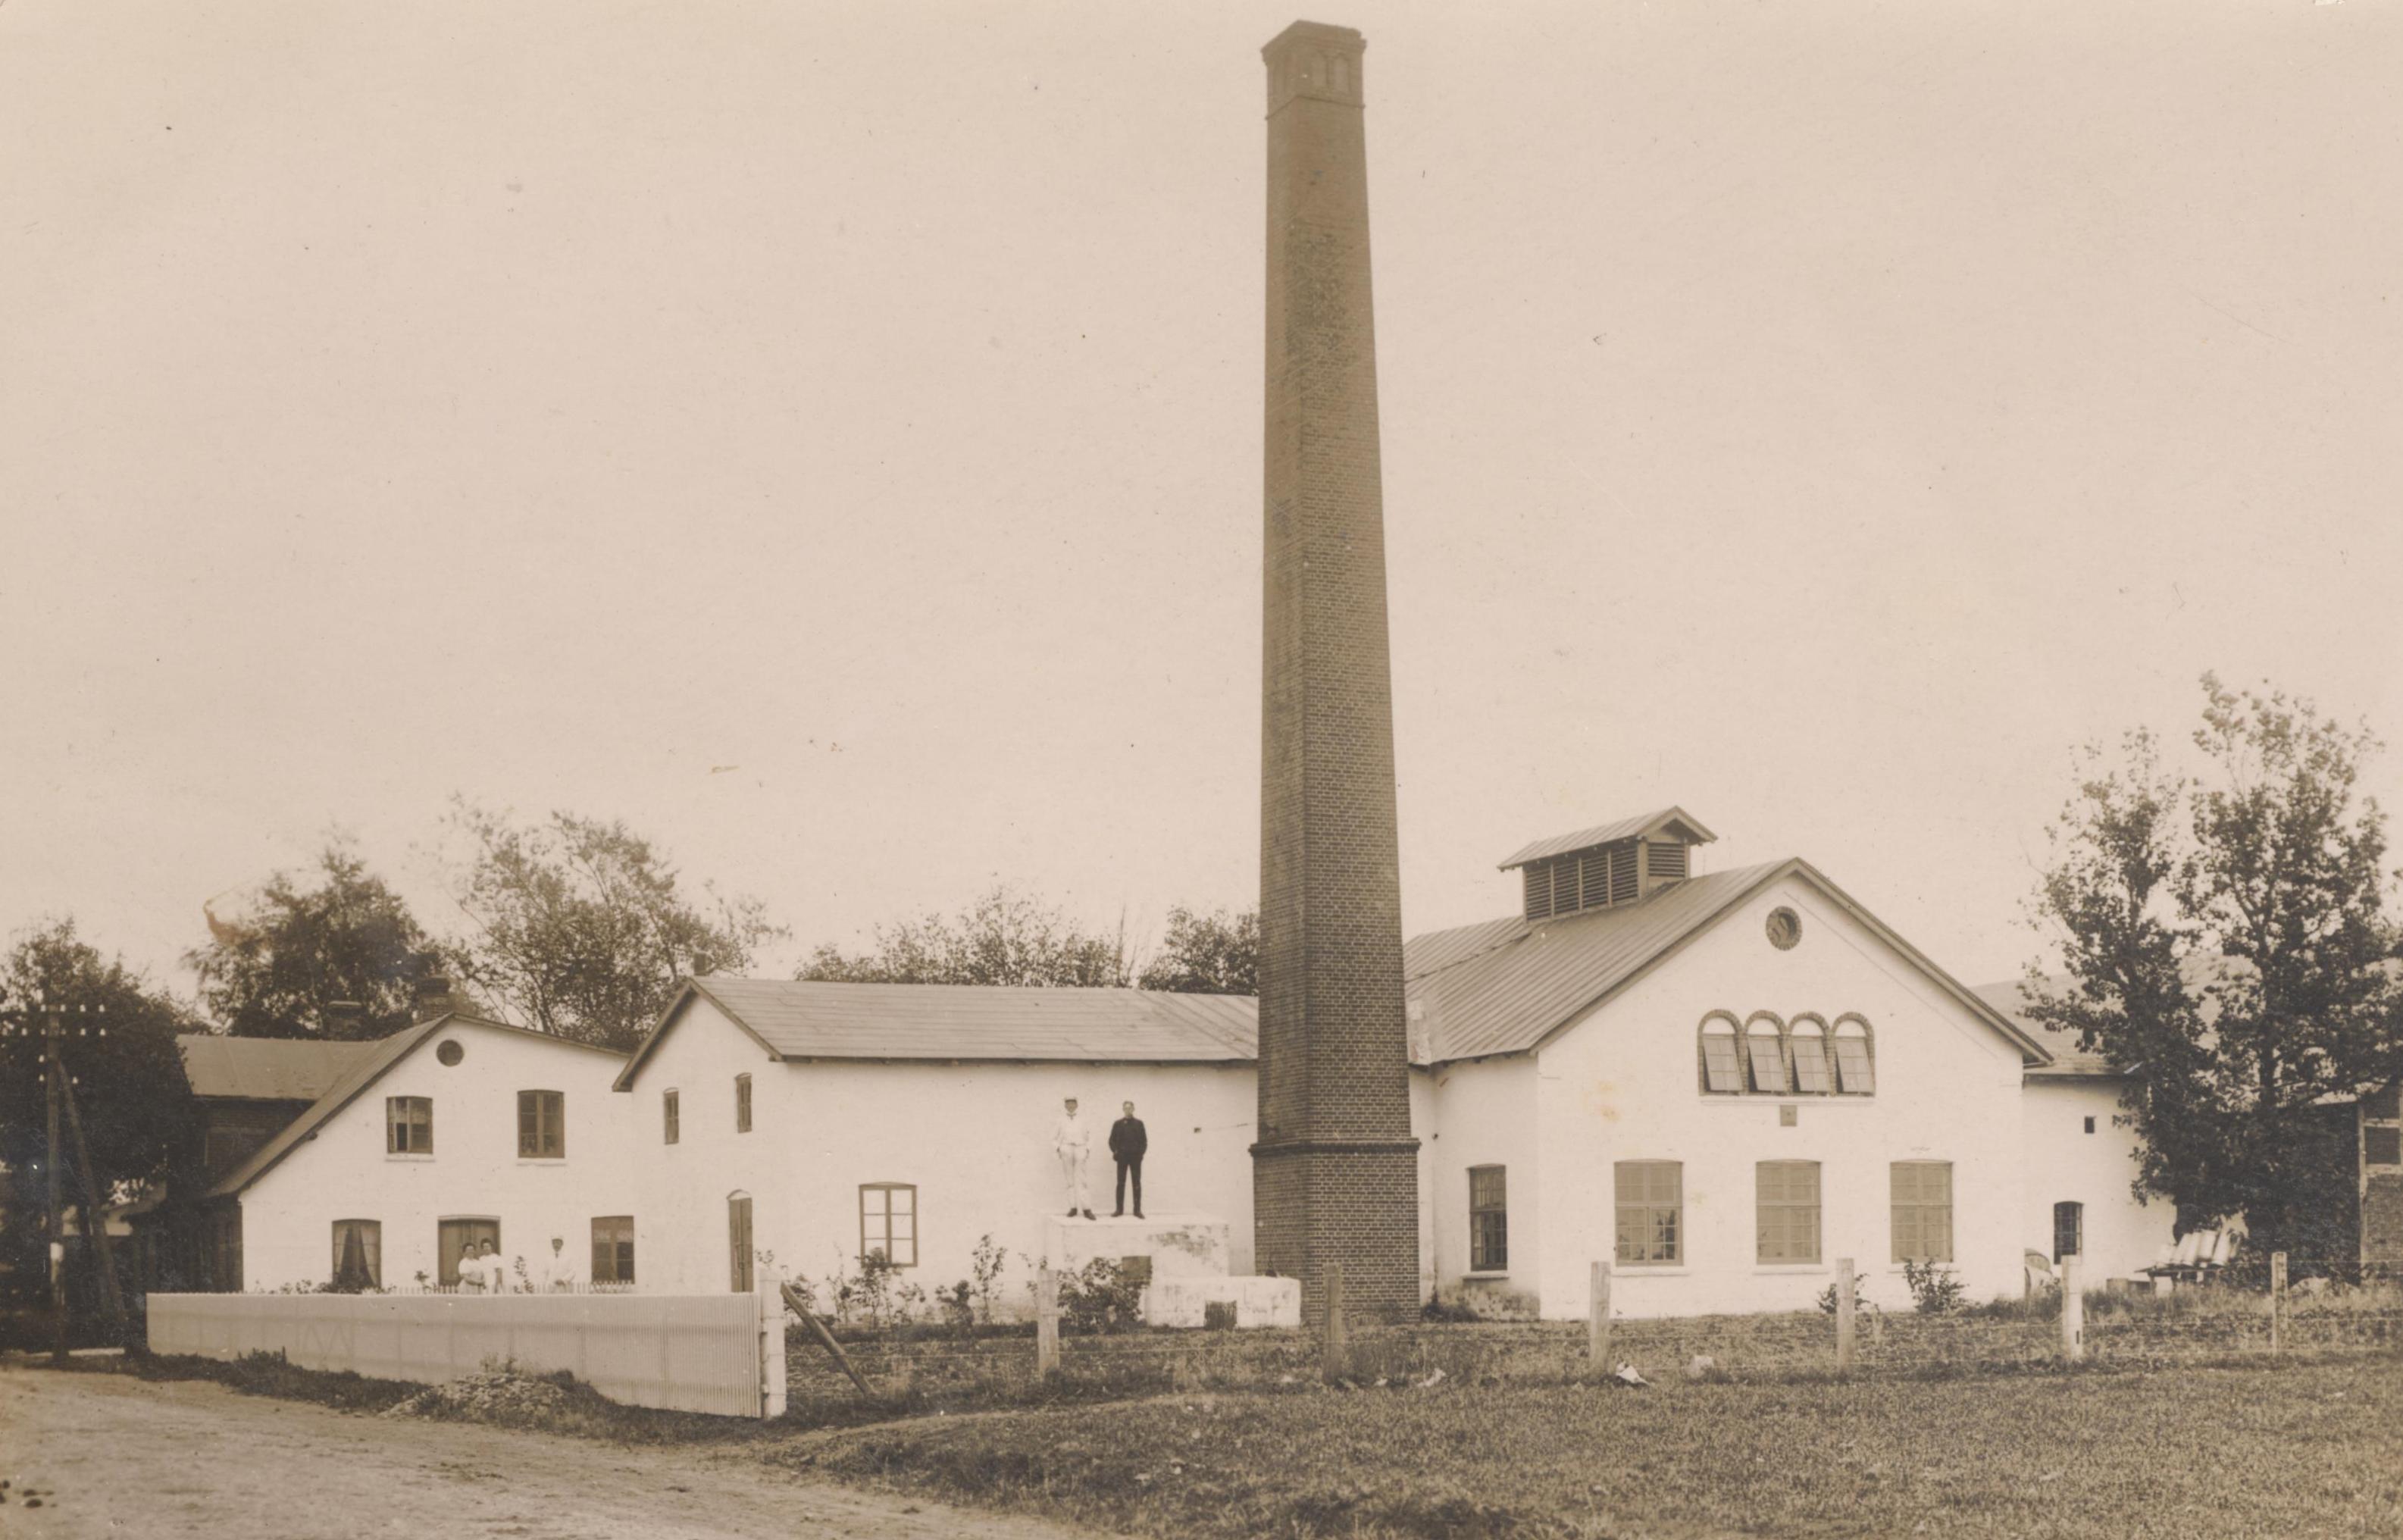 En dampmaskine leverede trækkraften til kølemaskine og centrifuge - derfor den store skorsten.